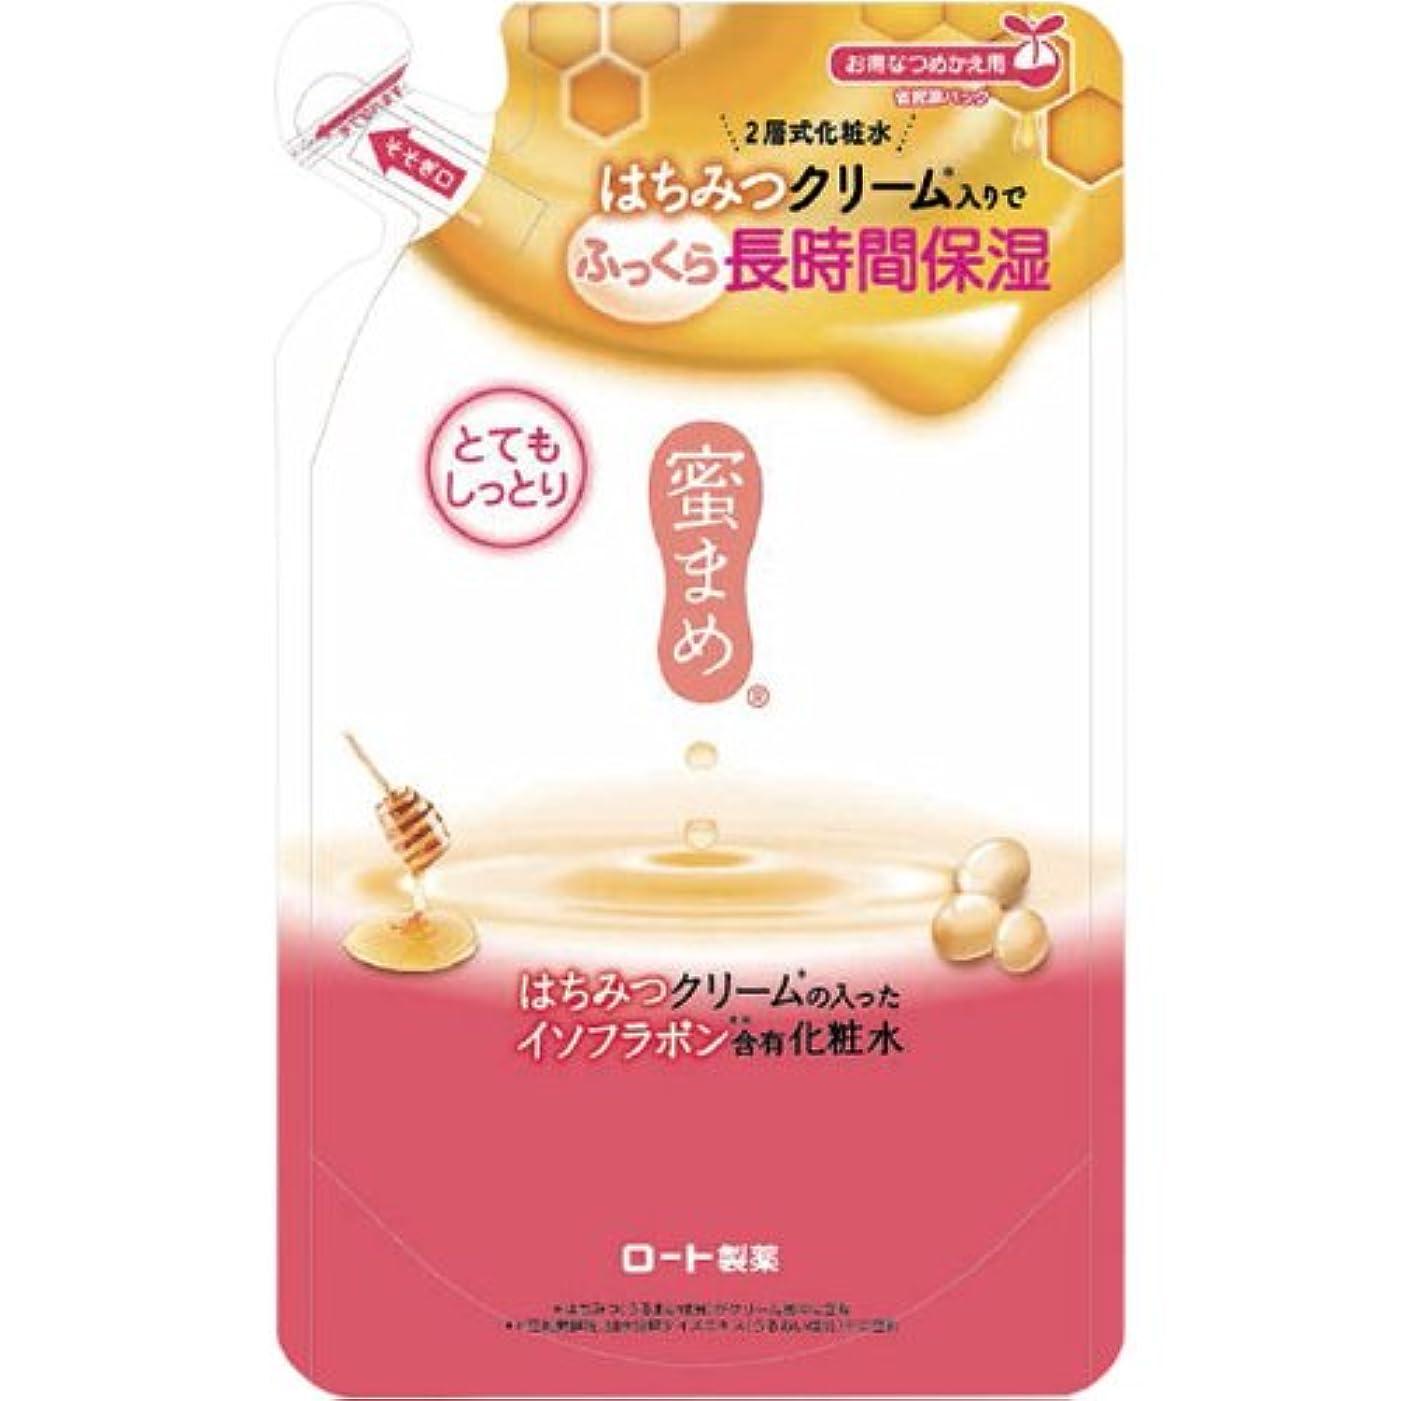 まつげ選ぶ胴体蜜まめ 合わせ化粧水 (とてもしっとり) (つめかえ用) 180mL